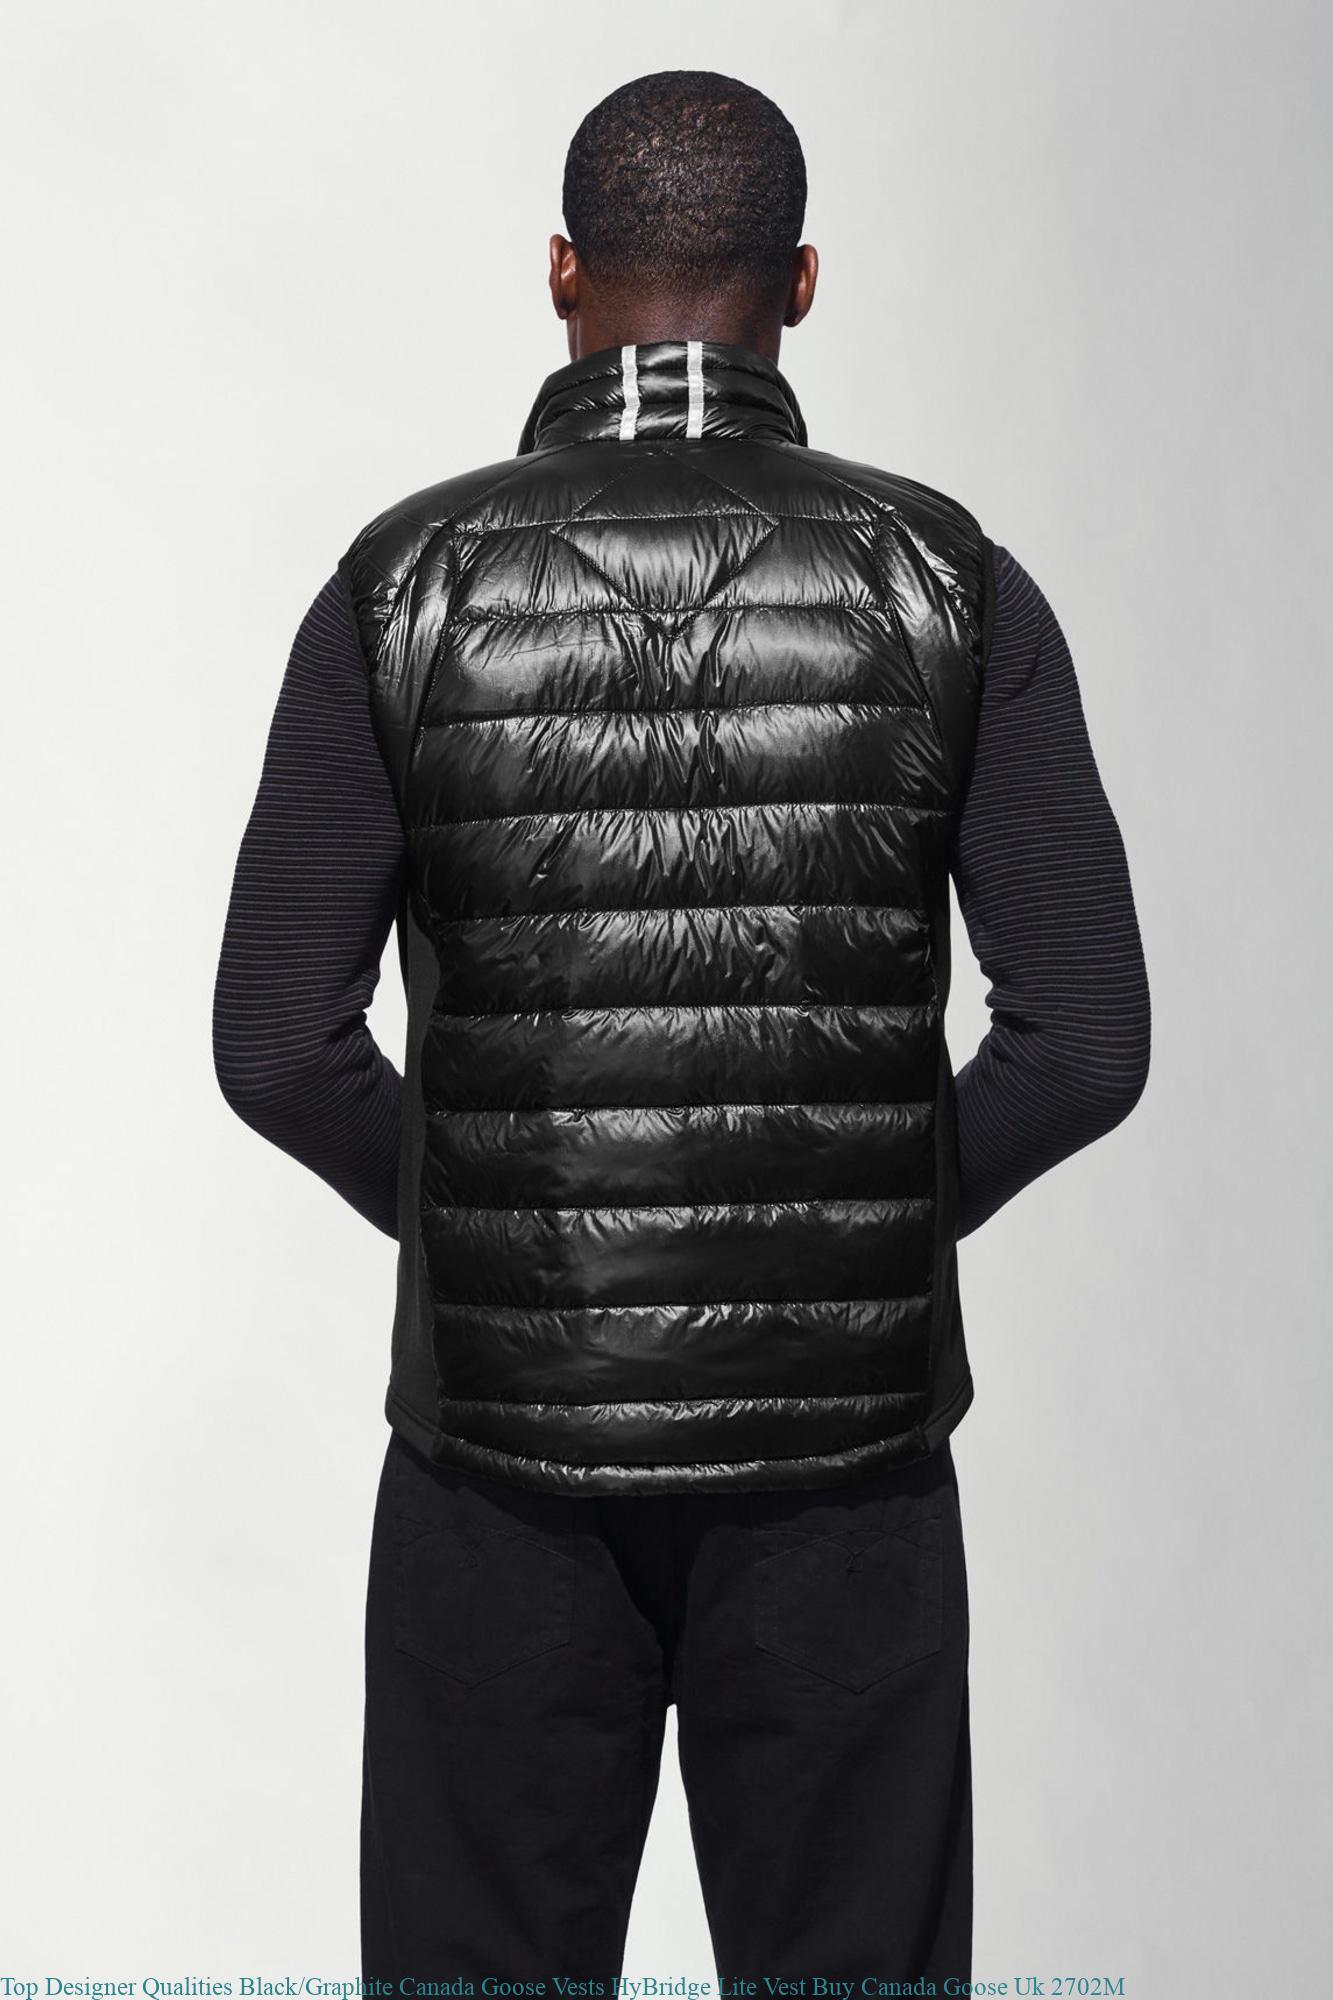 Top Designer Qualities Black Graphite Canada Goose Vests HyBridge Lite Vest  Buy Canada Goose Uk 2702M 7c6ae3ef17ac